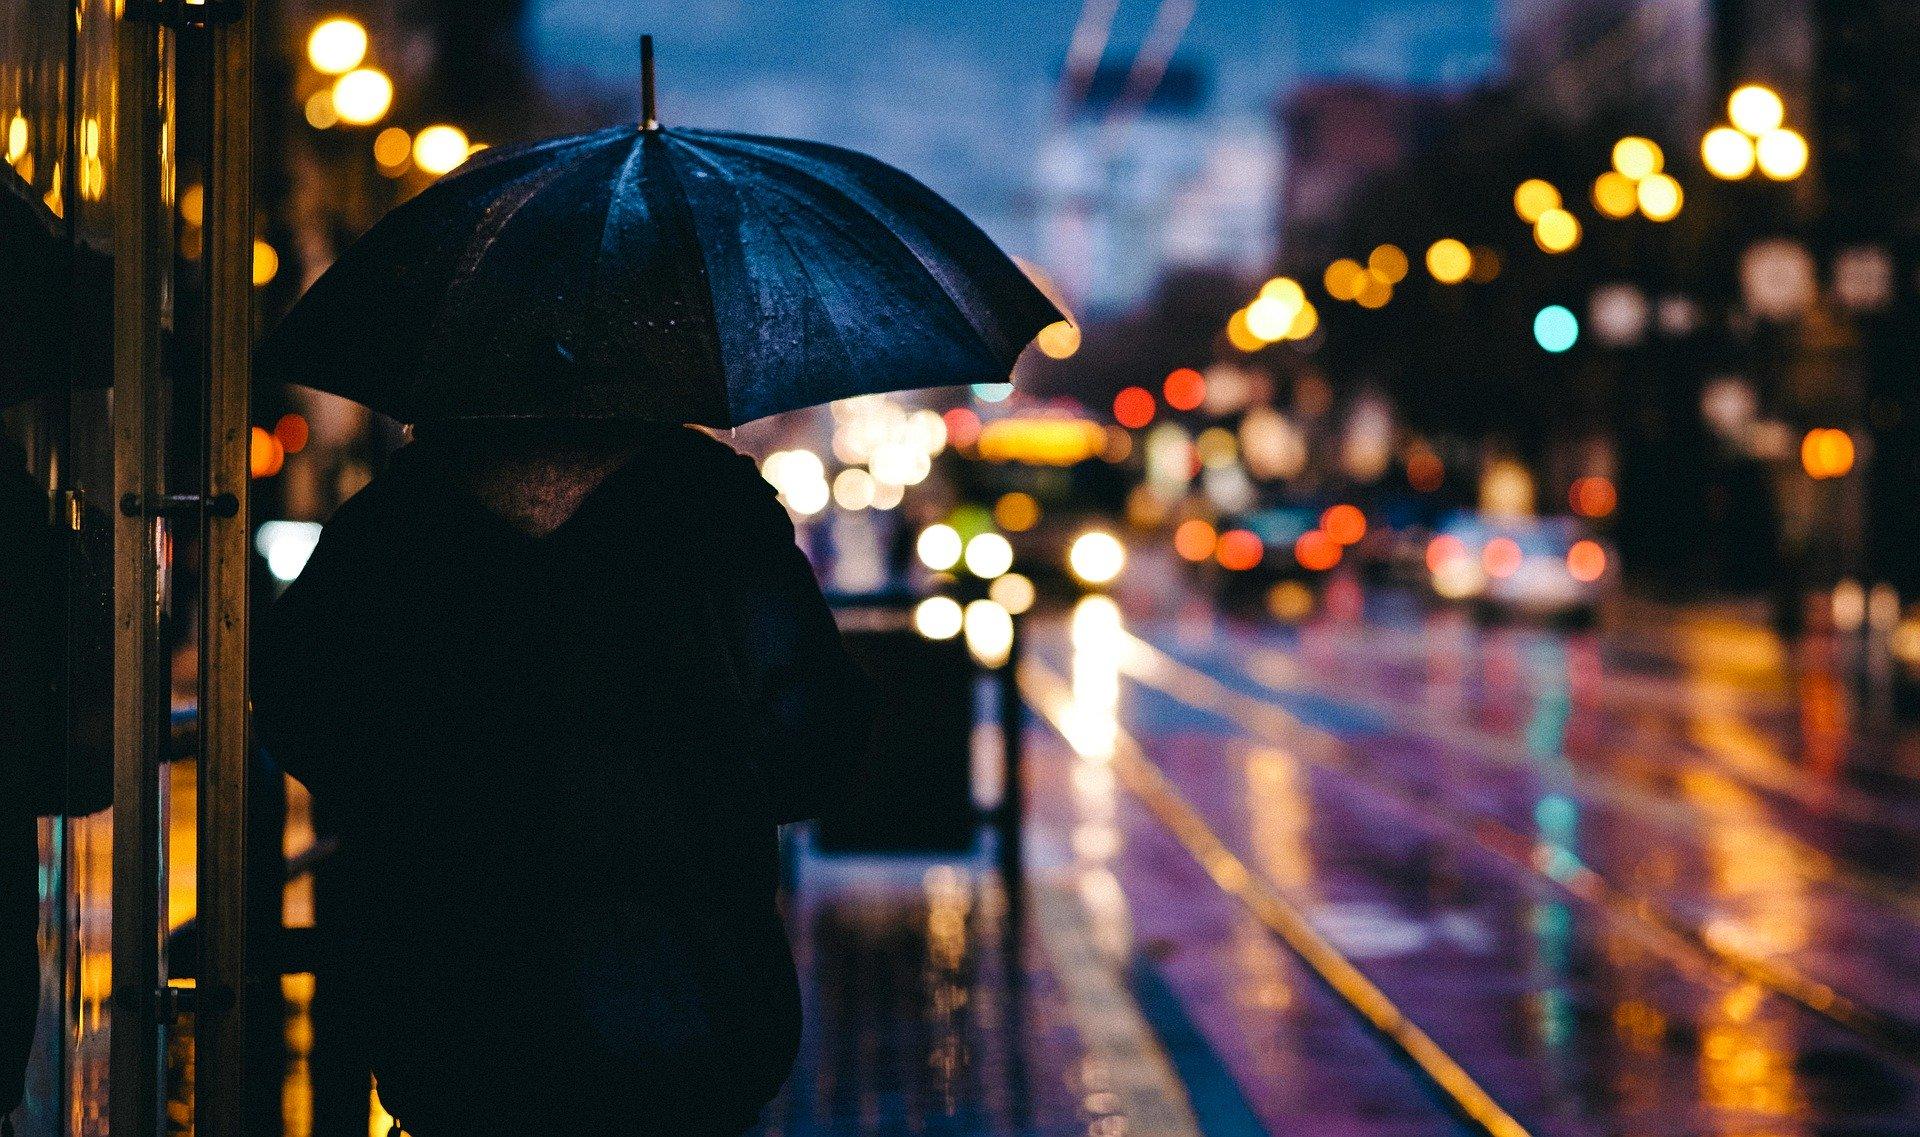 「黒い雨」埼玉県蓮田市で通報続出!千葉県野田市の工場の火災の可能性があるが遠いか?